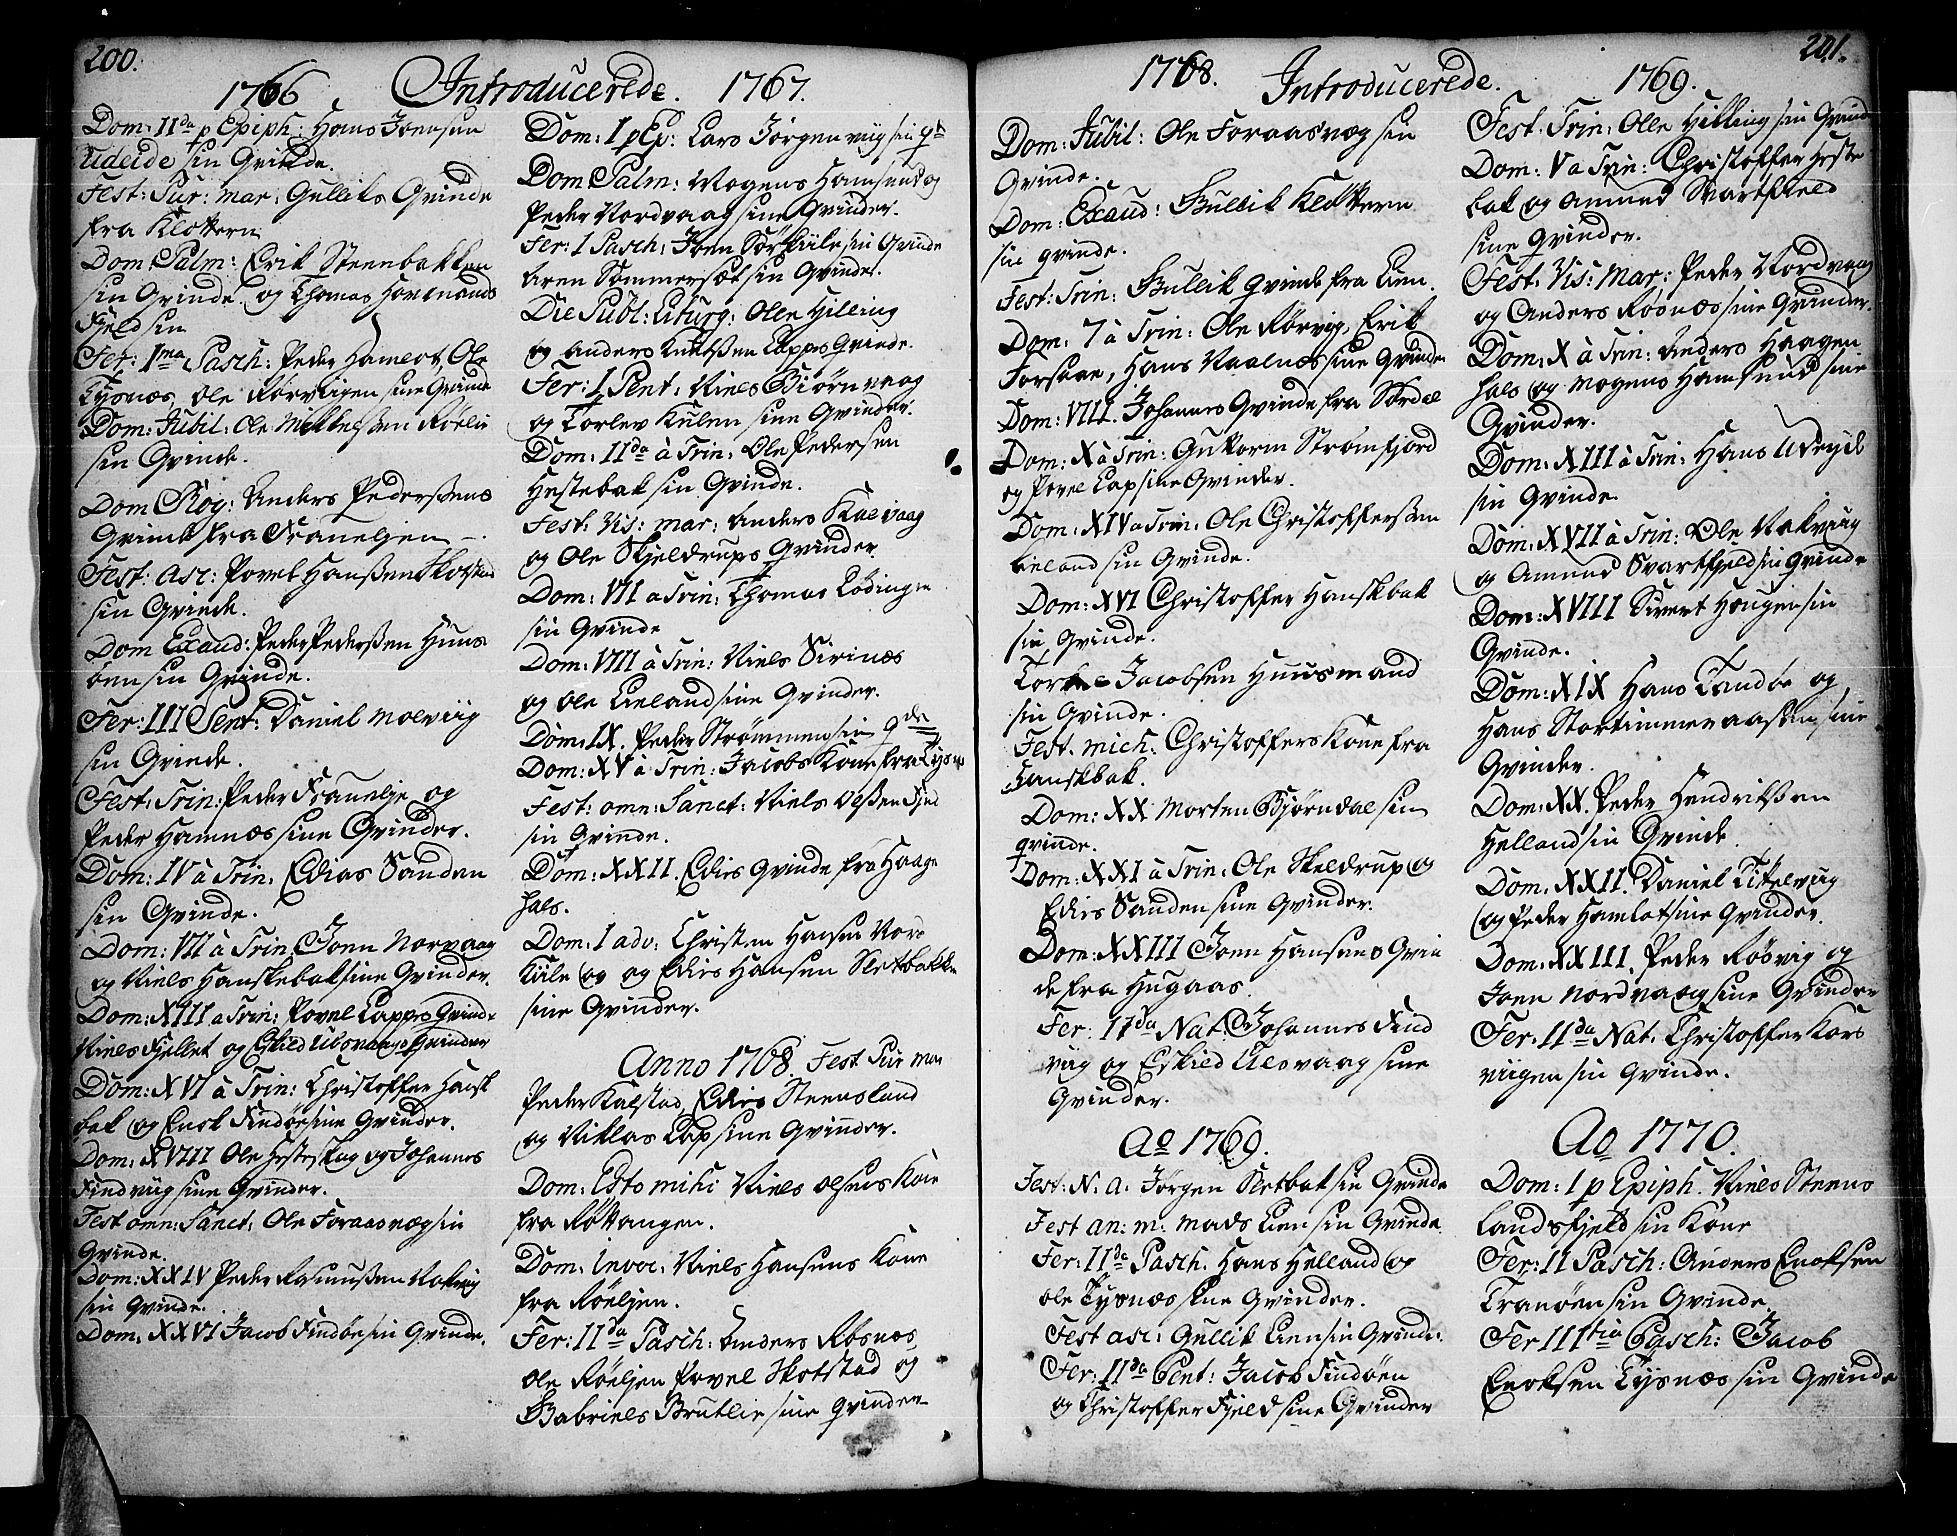 SAT, Ministerialprotokoller, klokkerbøker og fødselsregistre - Nordland, 859/L0841: Parish register (official) no. 859A01, 1766-1821, p. 200-201